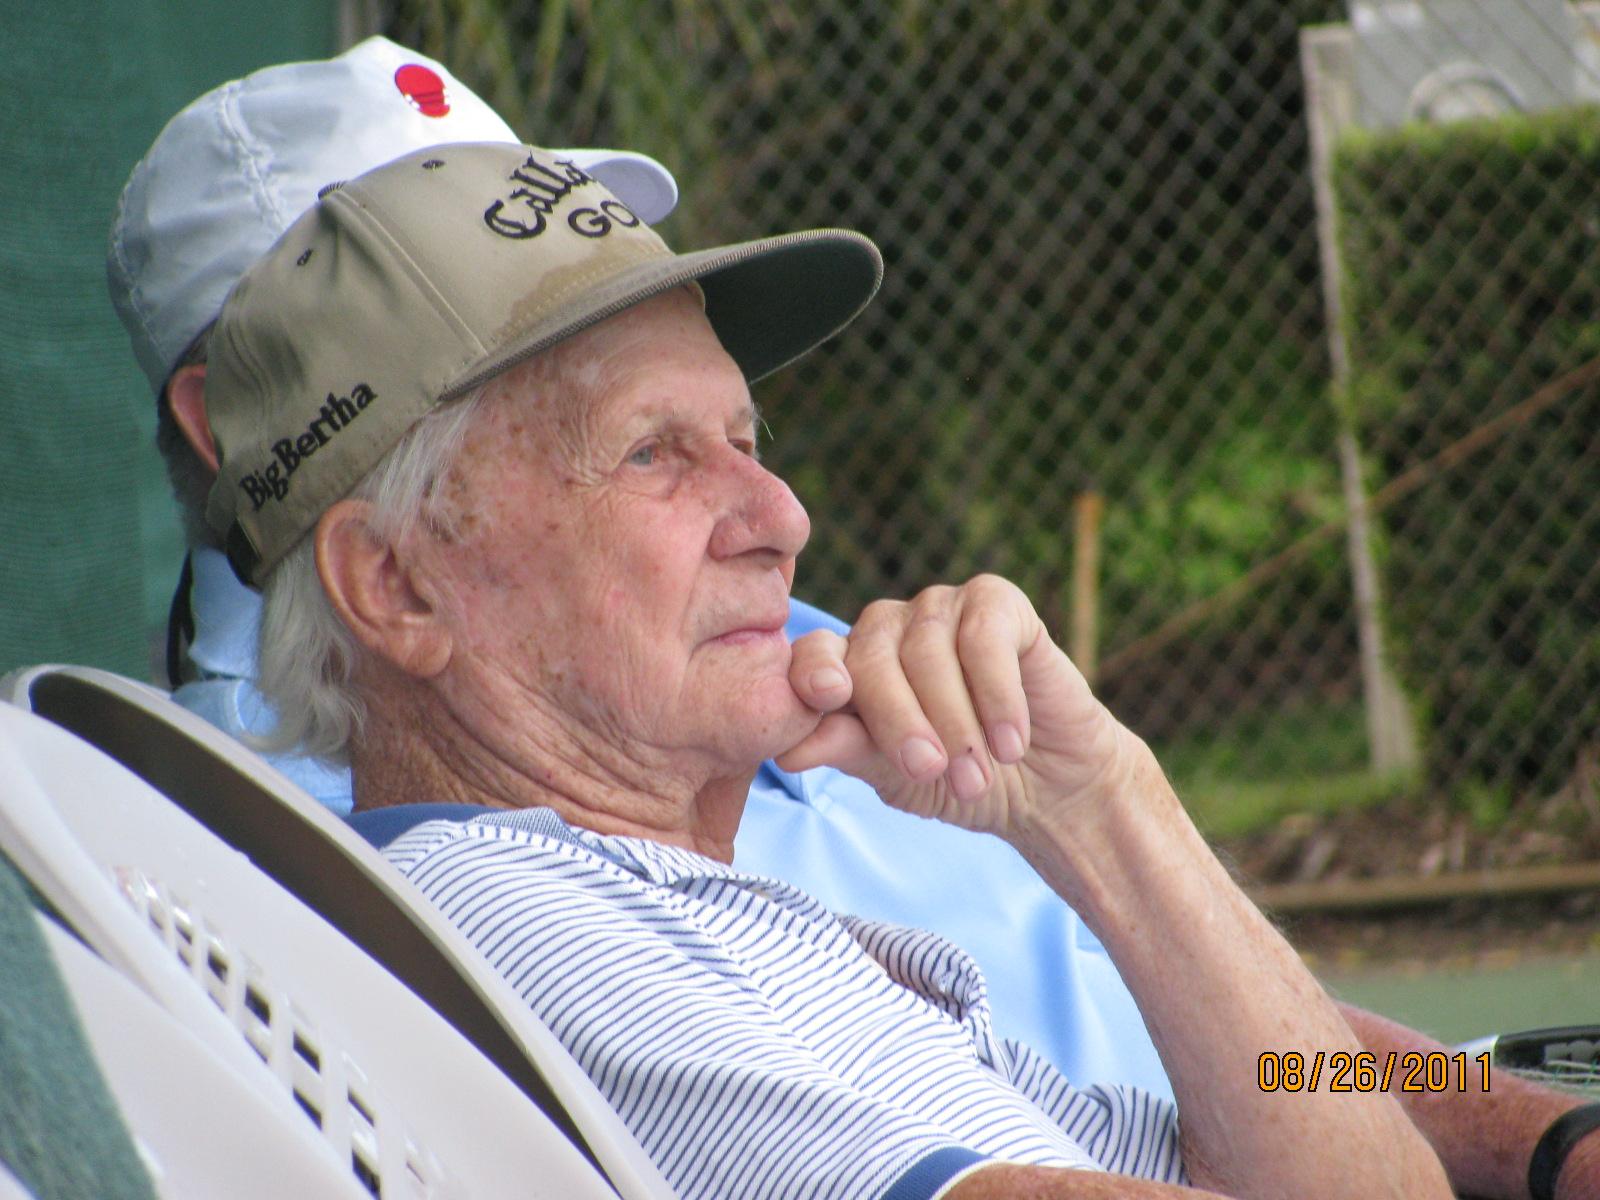 Paul Lake Conway Estates Tennis courts 8/26/2011